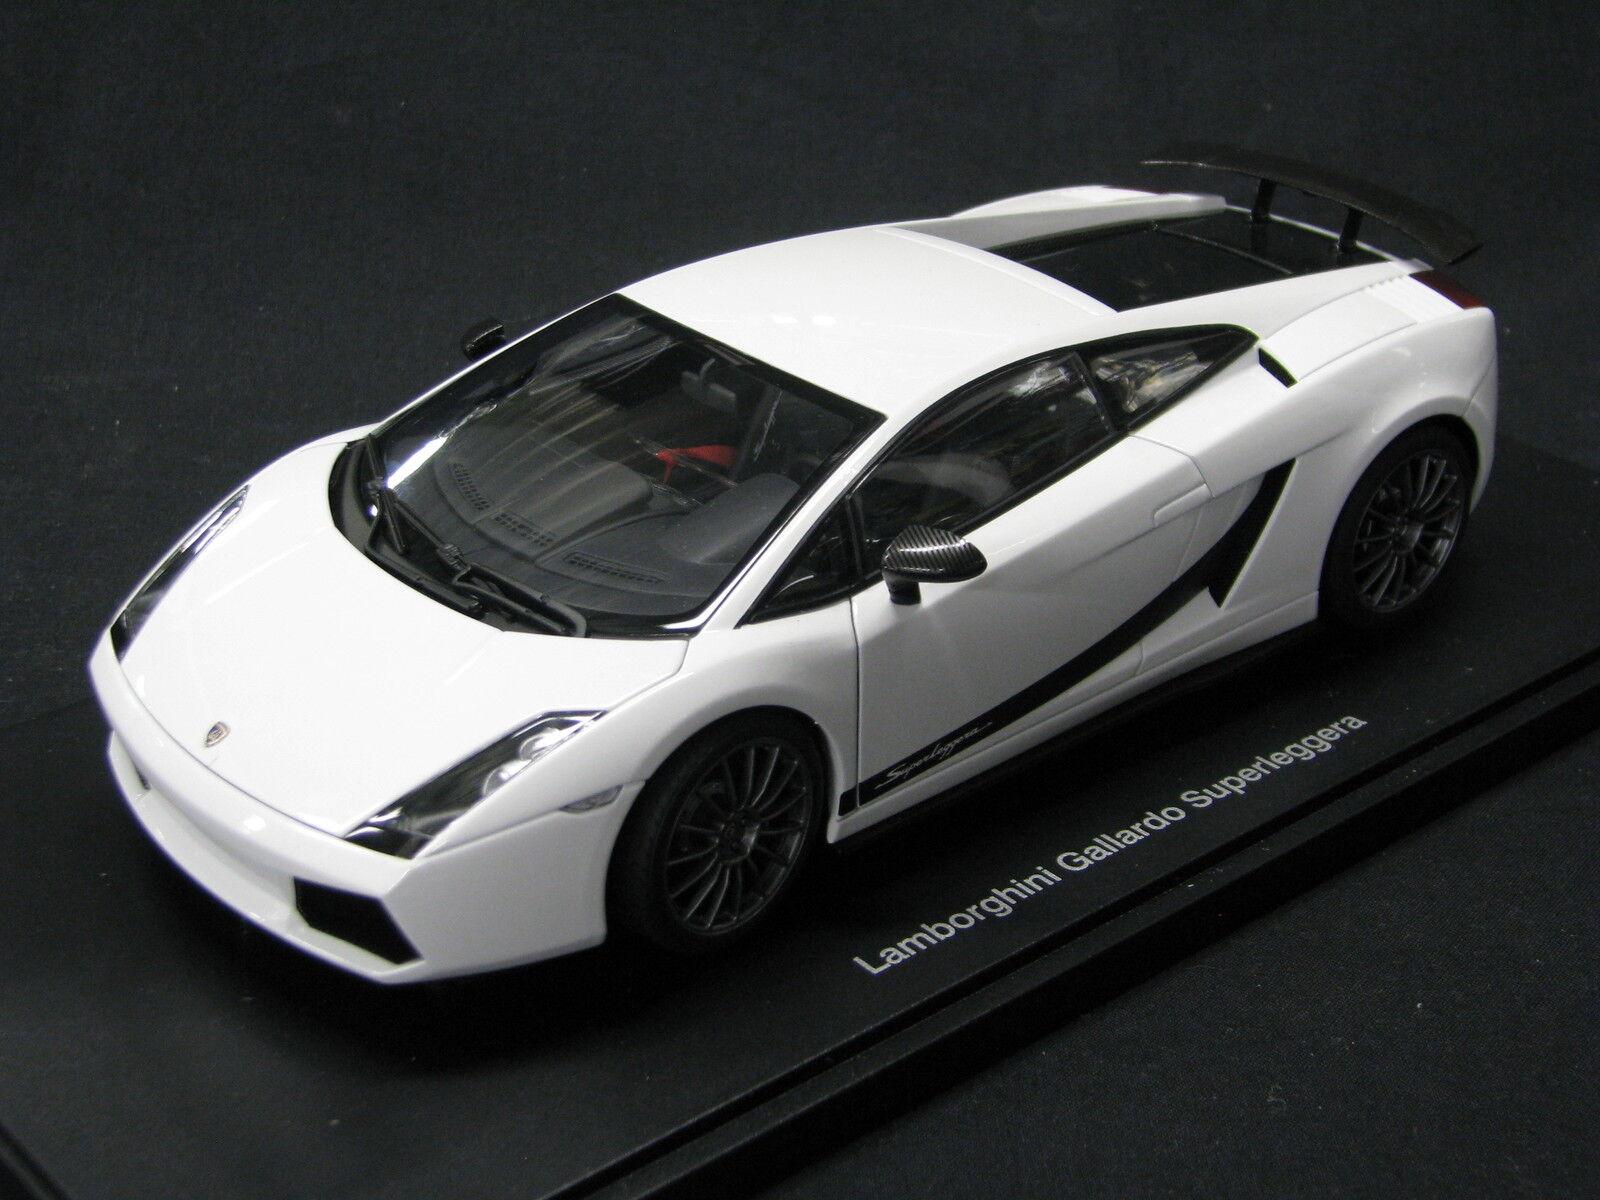 AutoArt Lamborghini Gallardo Superleggera 1:18 bianca  MCC